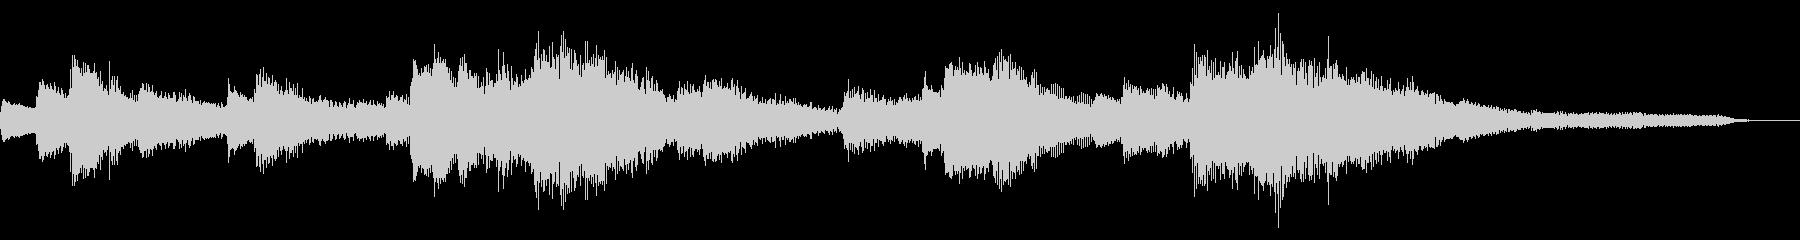 15秒のジャズのジングル21-ピアノの未再生の波形